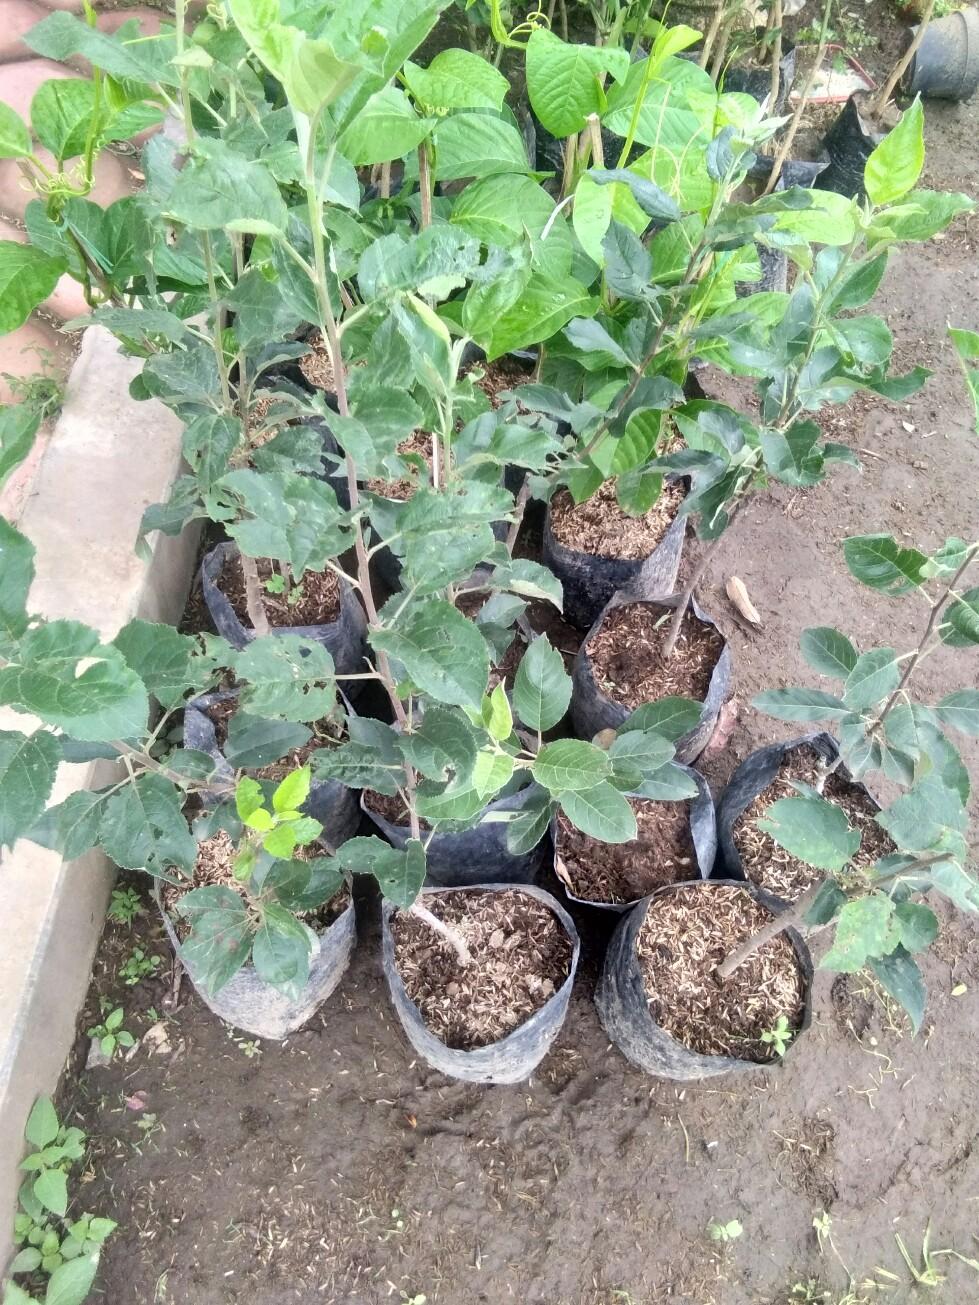 Jual bibit tanaman buah apel batu